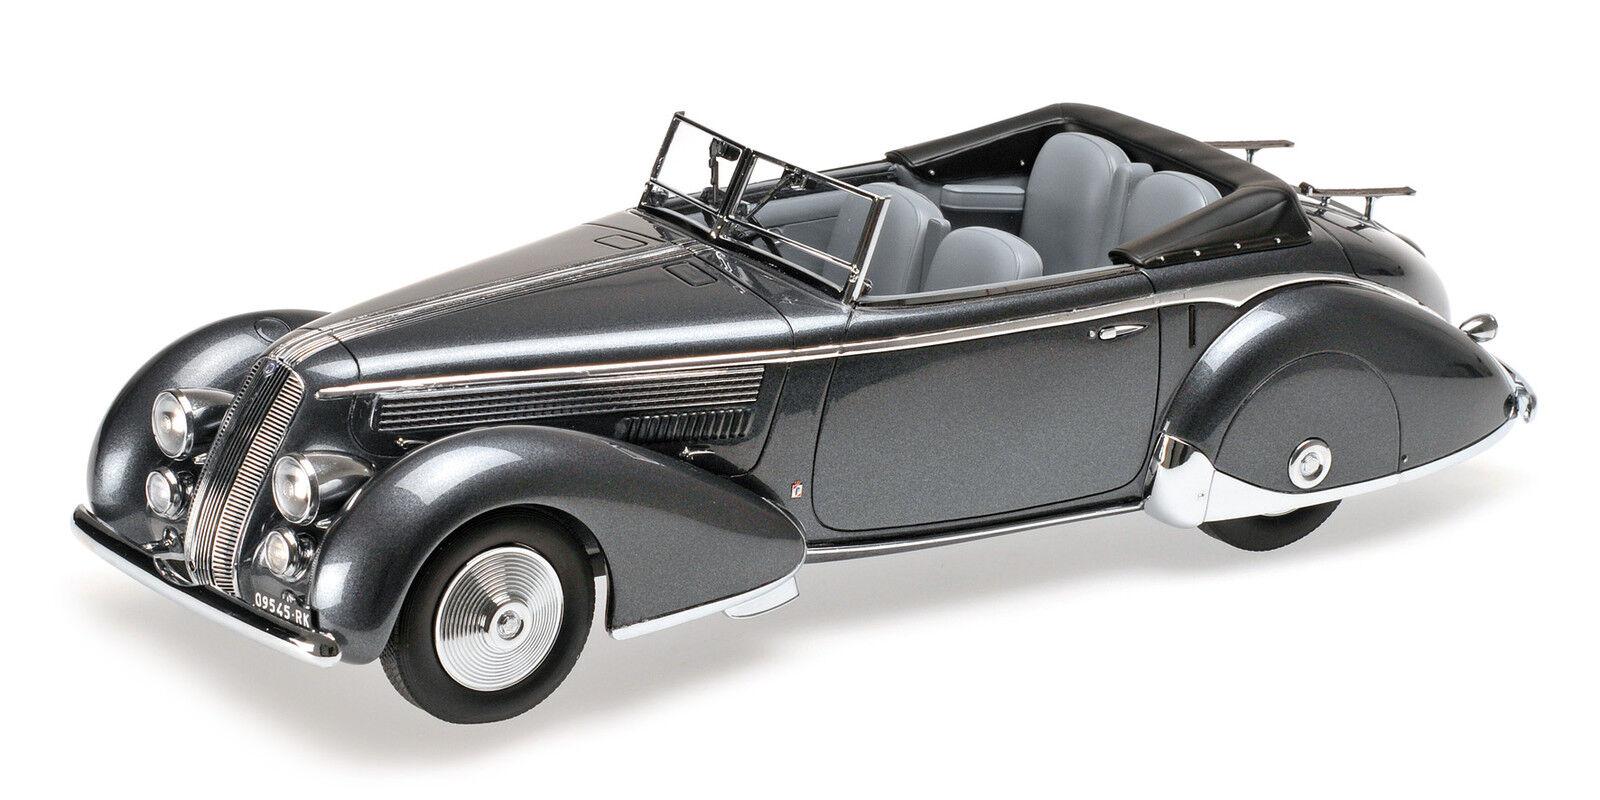 Lancia Astura Tipo 233 Corto 1936 Grey Metallic 1:18 1:18 1:18 Model MINICHAMPS | Qualité Fiable  | Sale  | De Gagner Une Grande Admiration Et Est Largement Confiance à La Maison Et à L'étranger  e3fddf